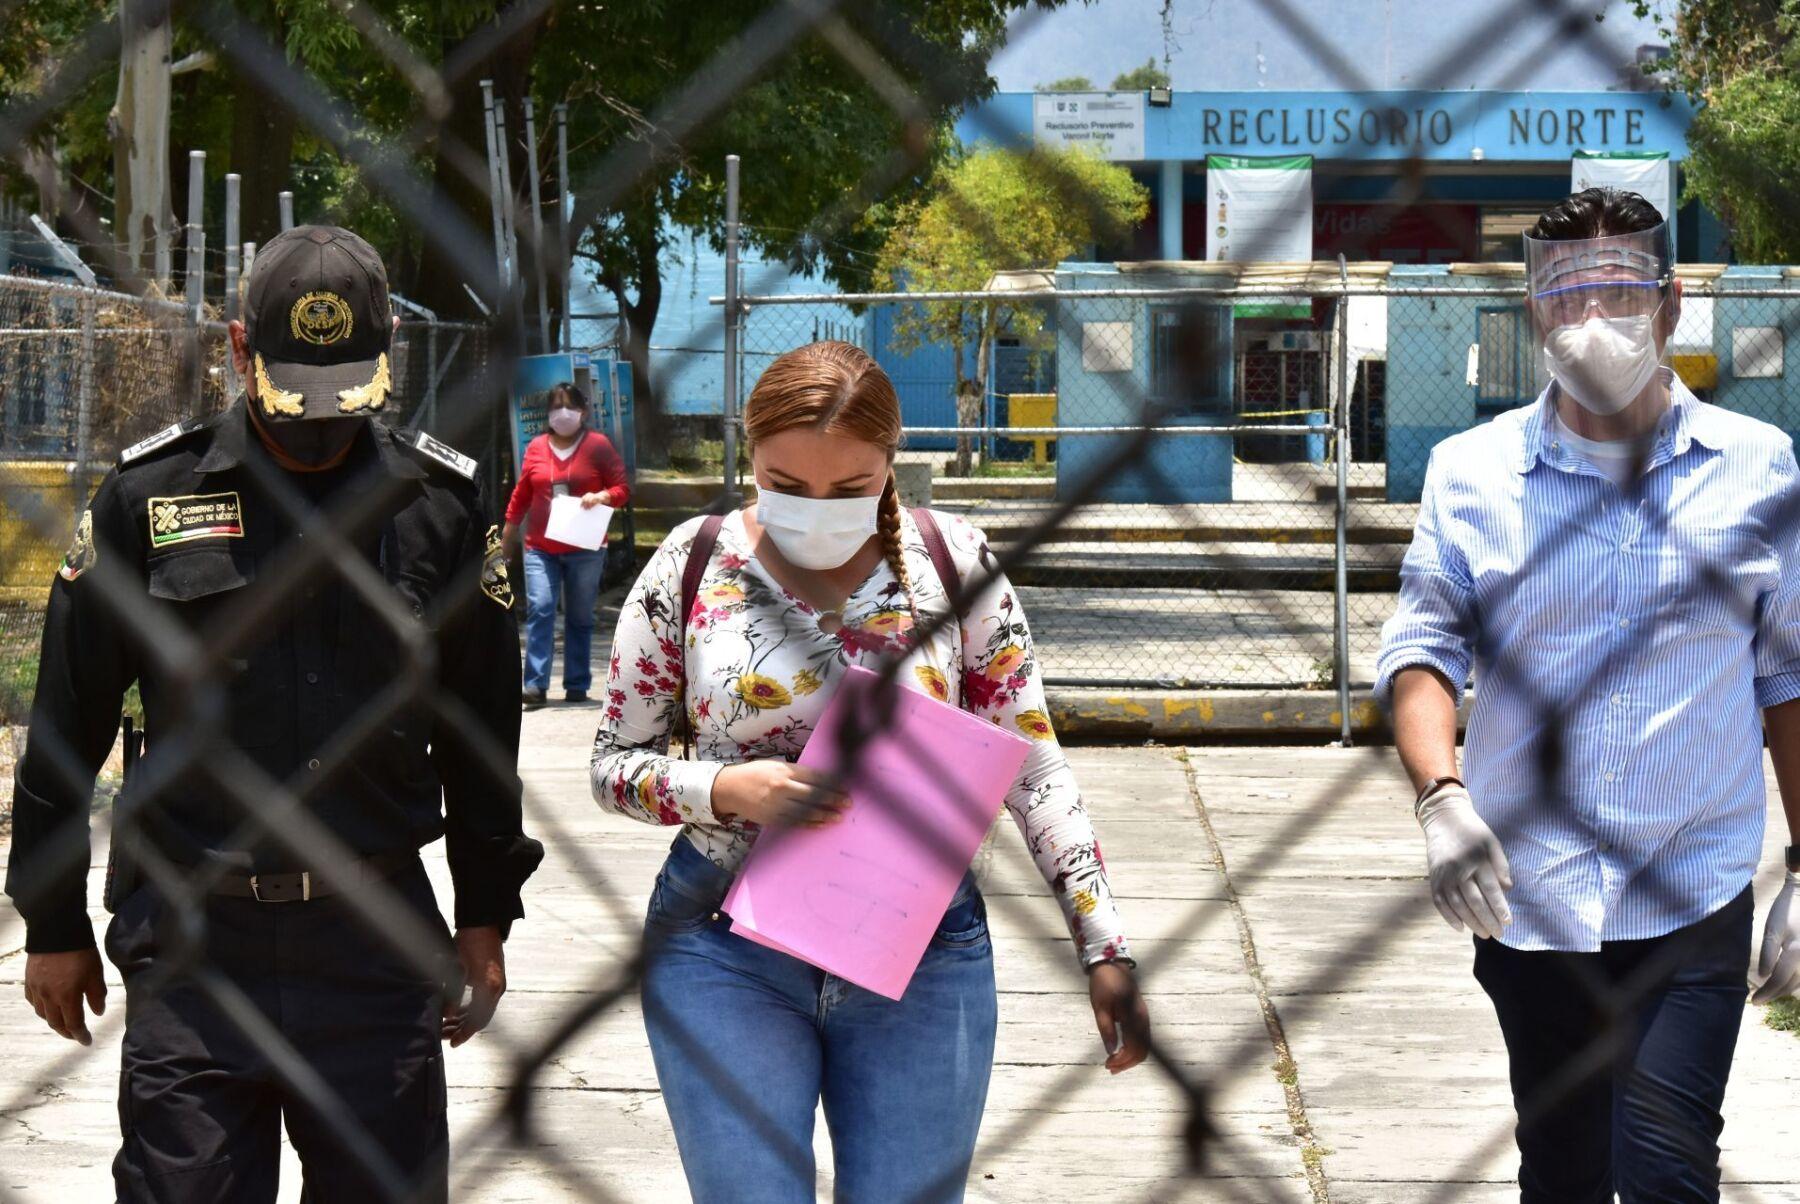 Familiares de internos del Reclusorio Norte demandaron atención médica a los contagiados de Covid 19